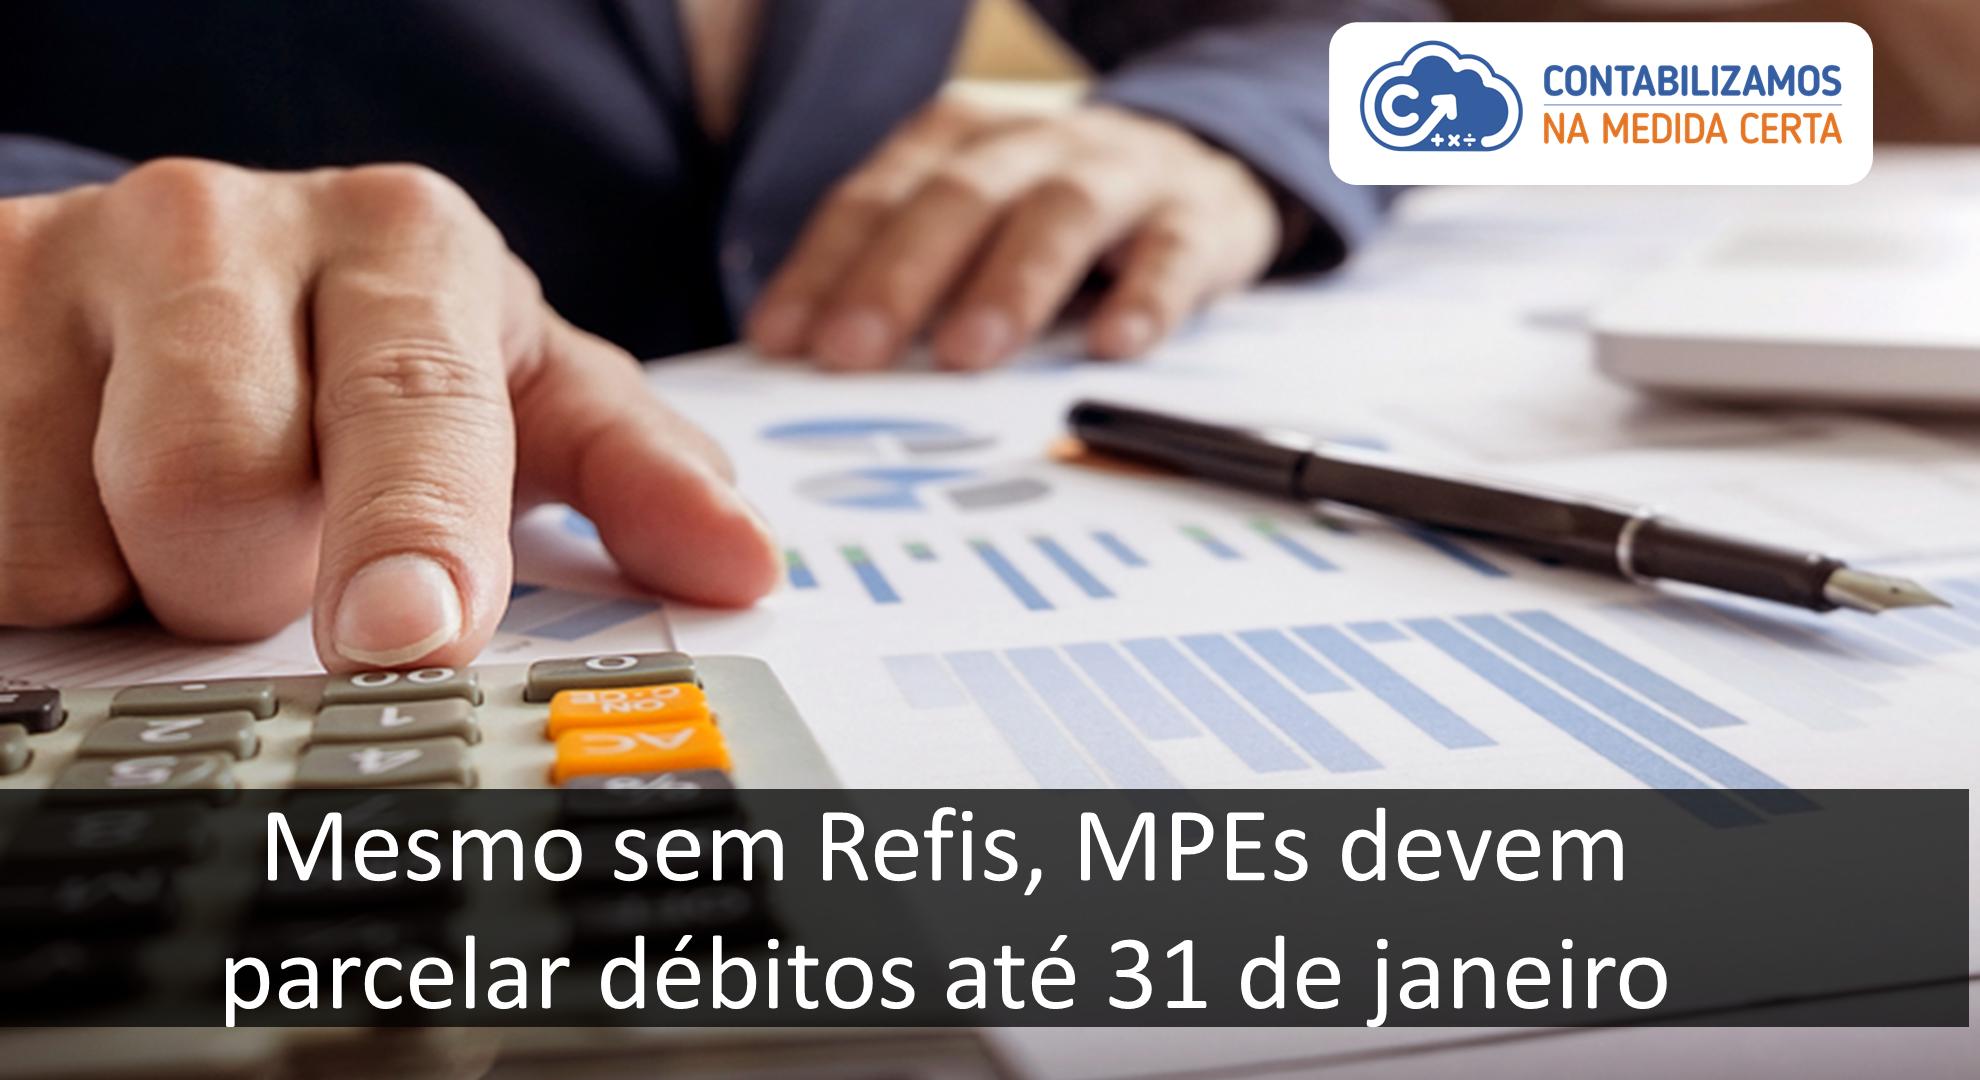 Mesmo Sem Refis, MPEs Devem Parcelar Débitos Até 31 De Janeiro